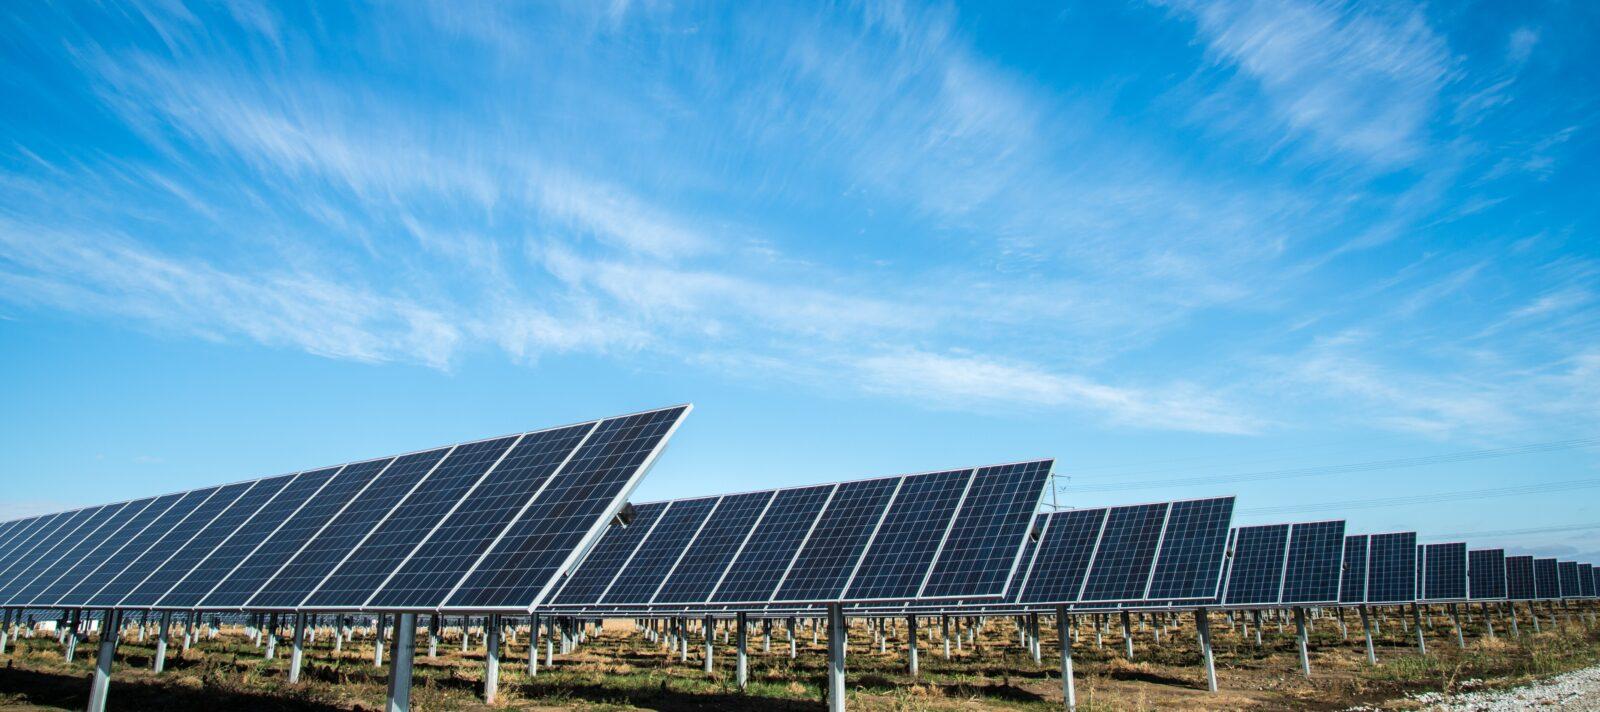 Photovoltaik – Strom selber erzeugen und optimal nutzen